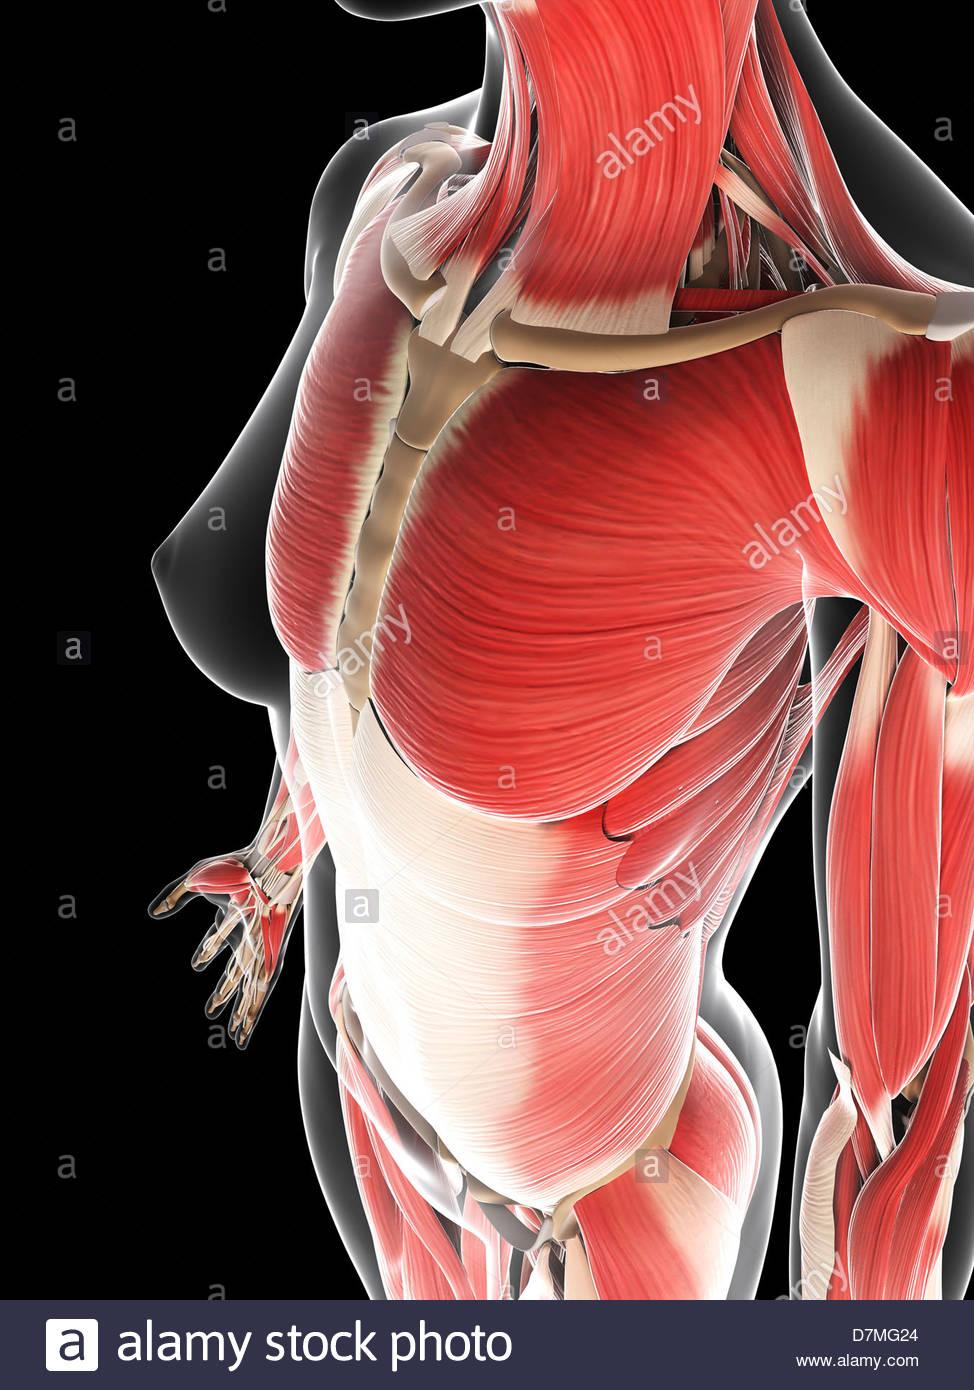 Ziemlich Shin Muskelanatomie Fotos - Anatomie Von Menschlichen ...